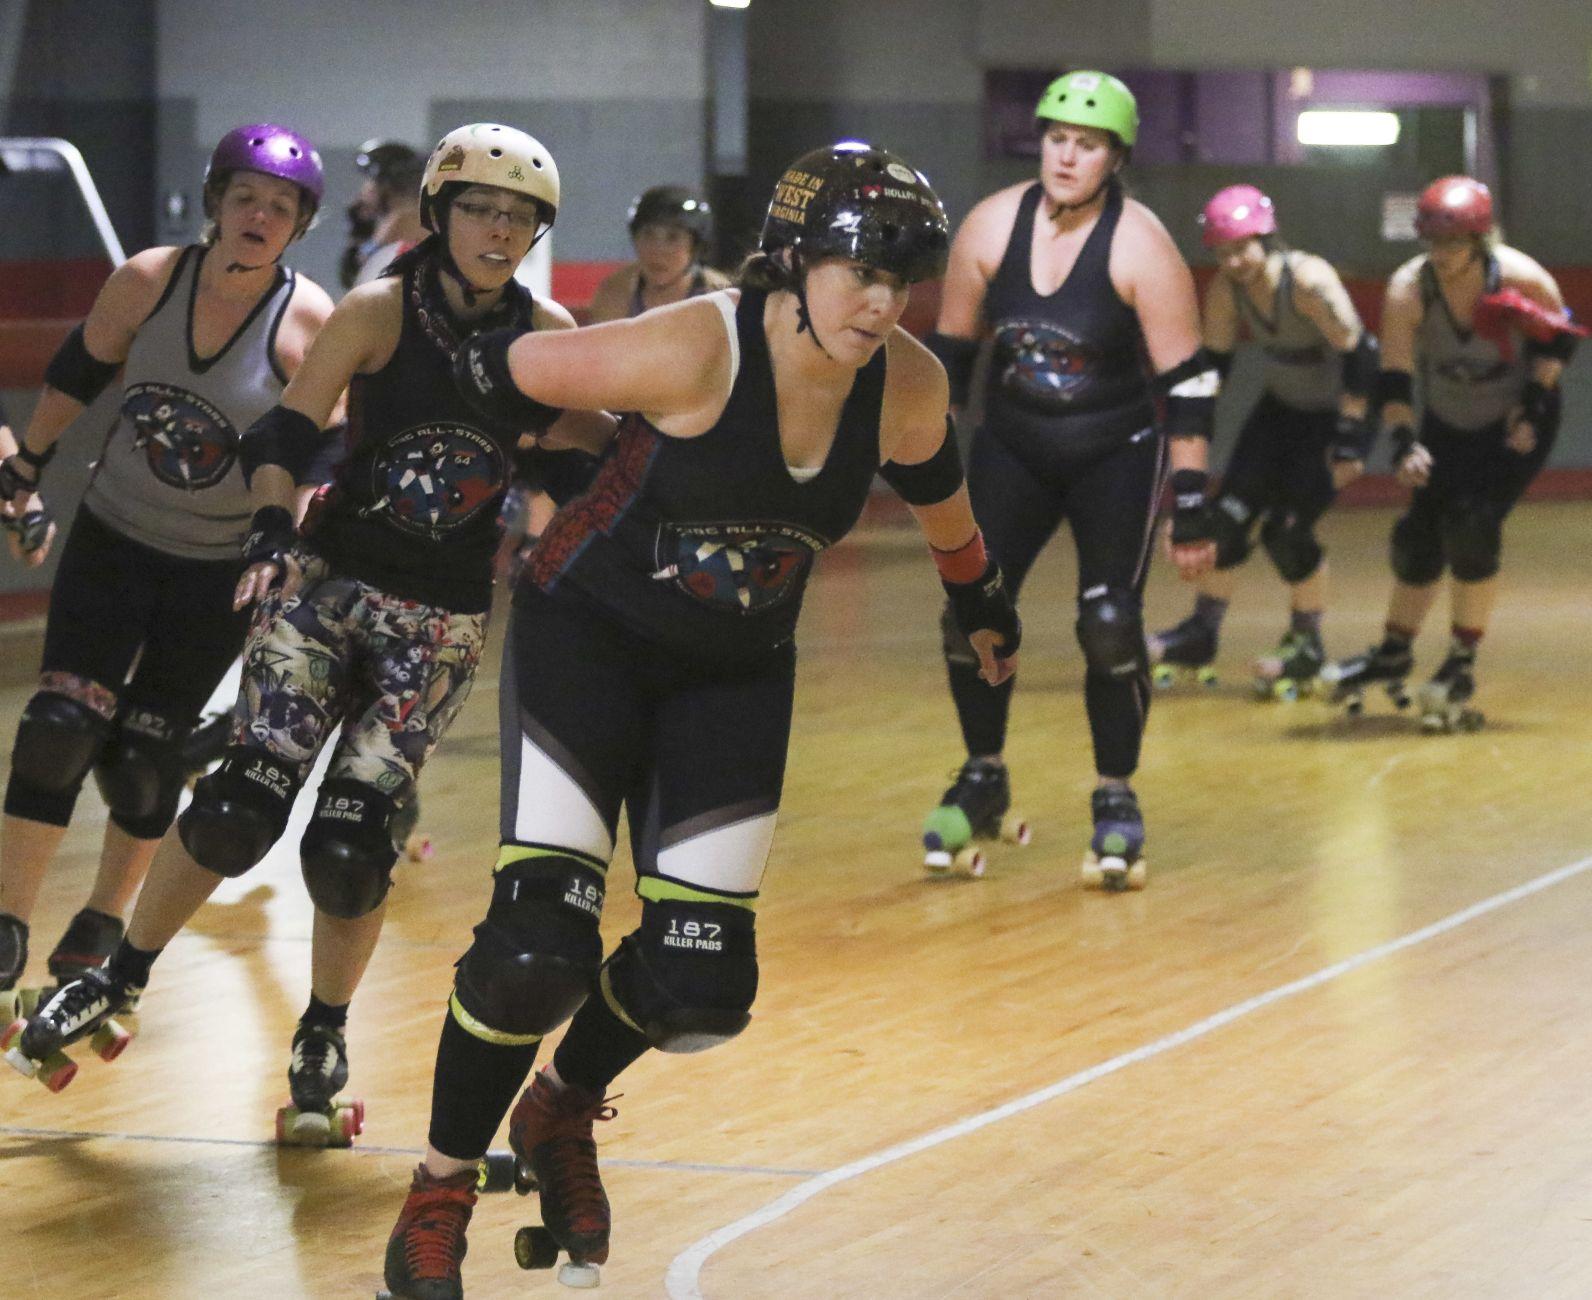 Roller skating in charleston wv